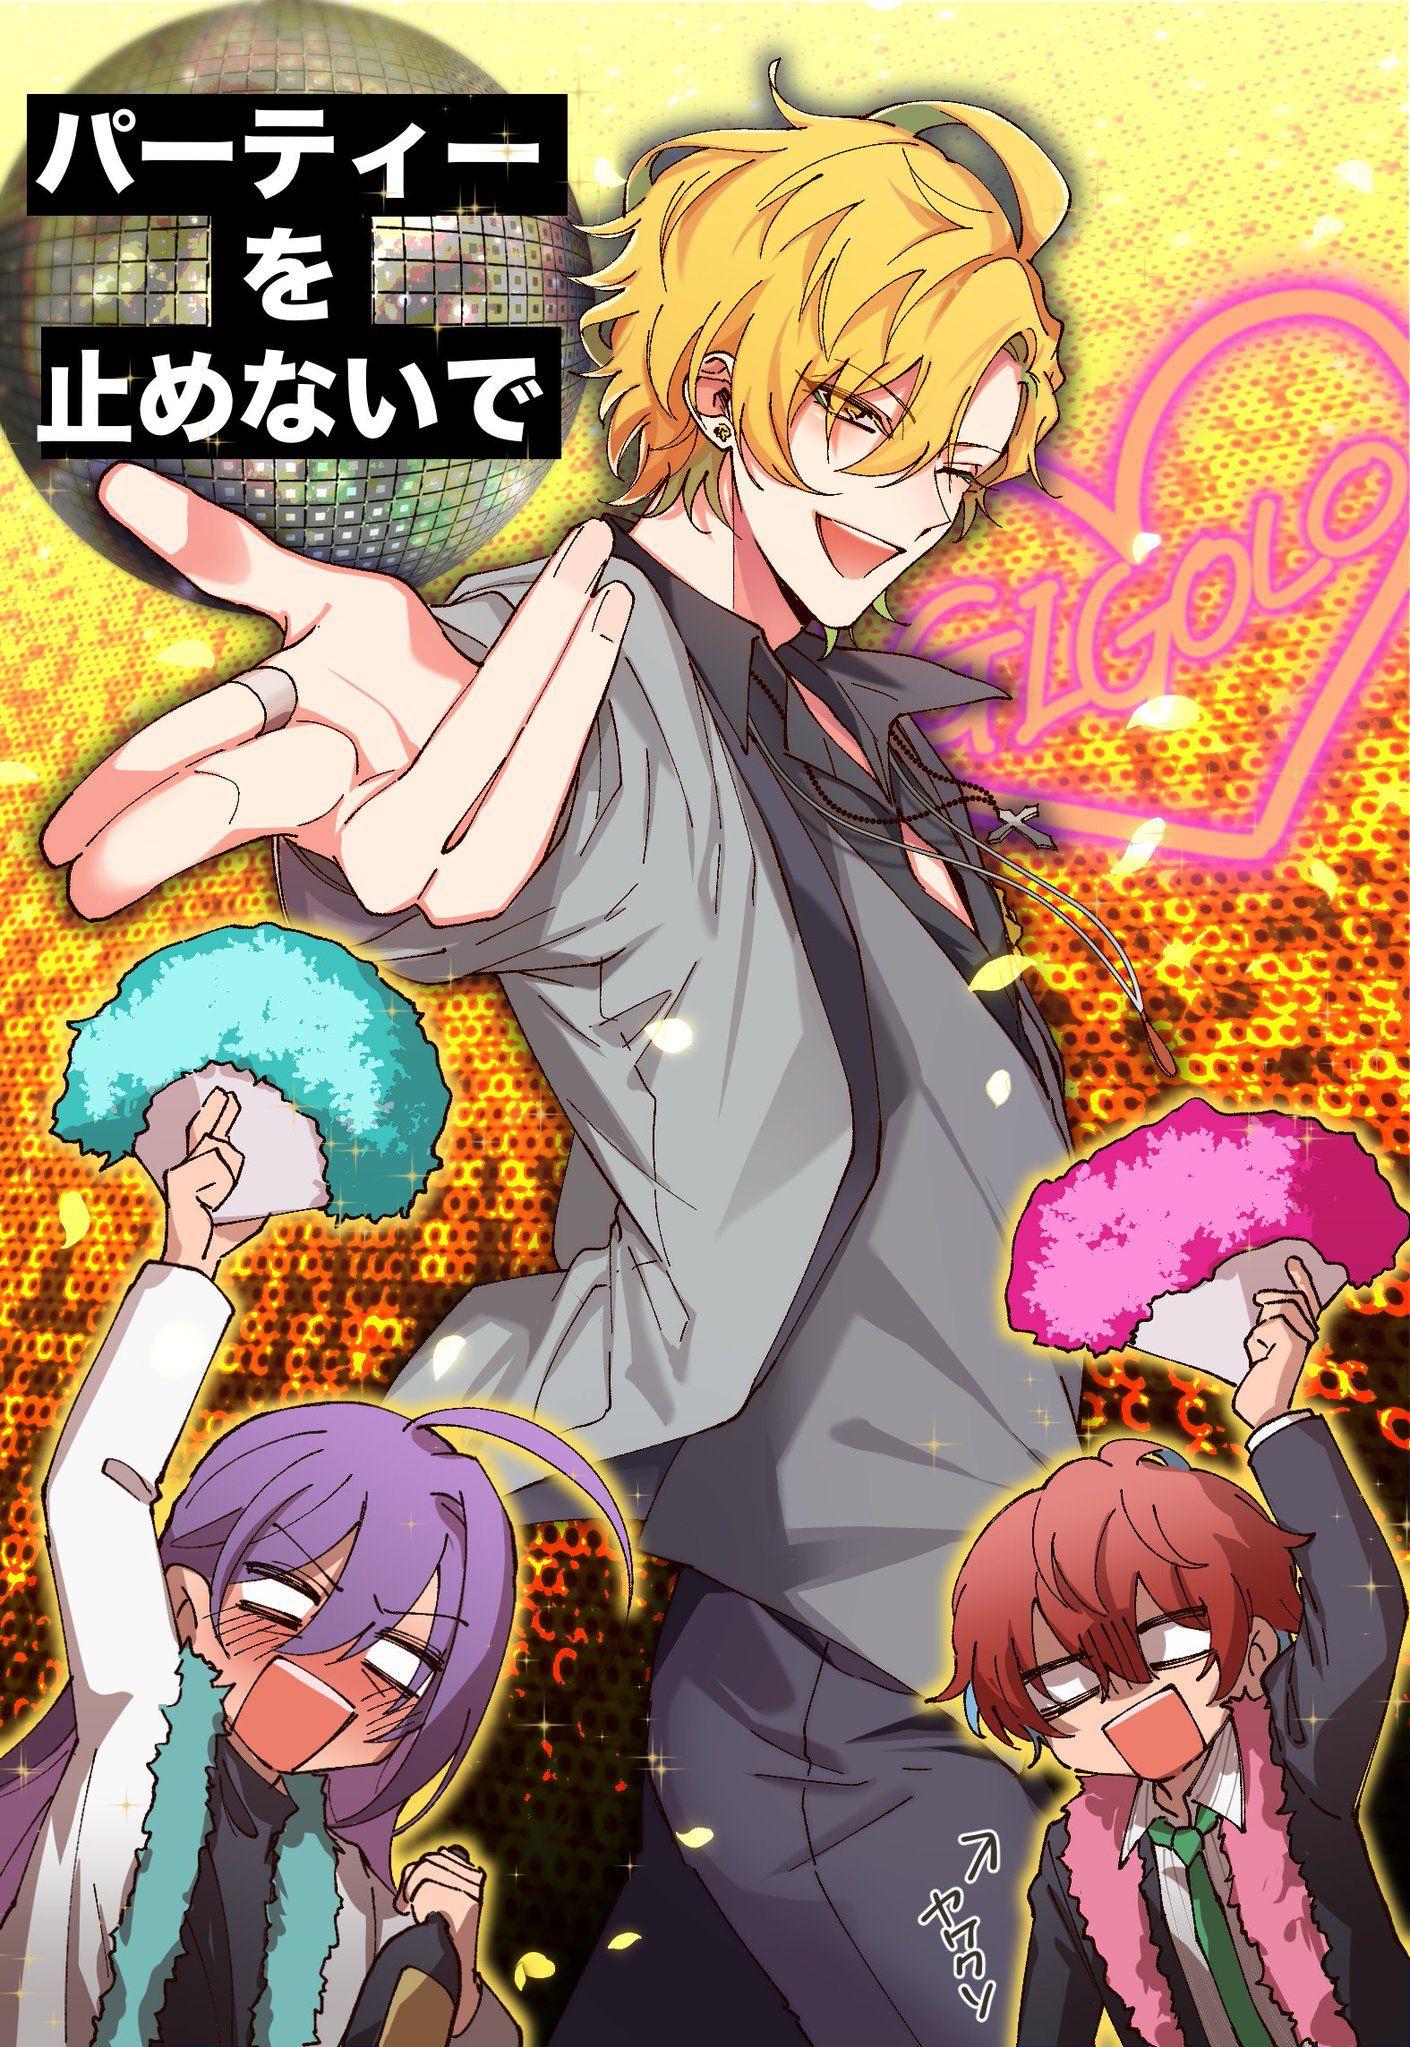 森式 on twitter anime guys anime character art